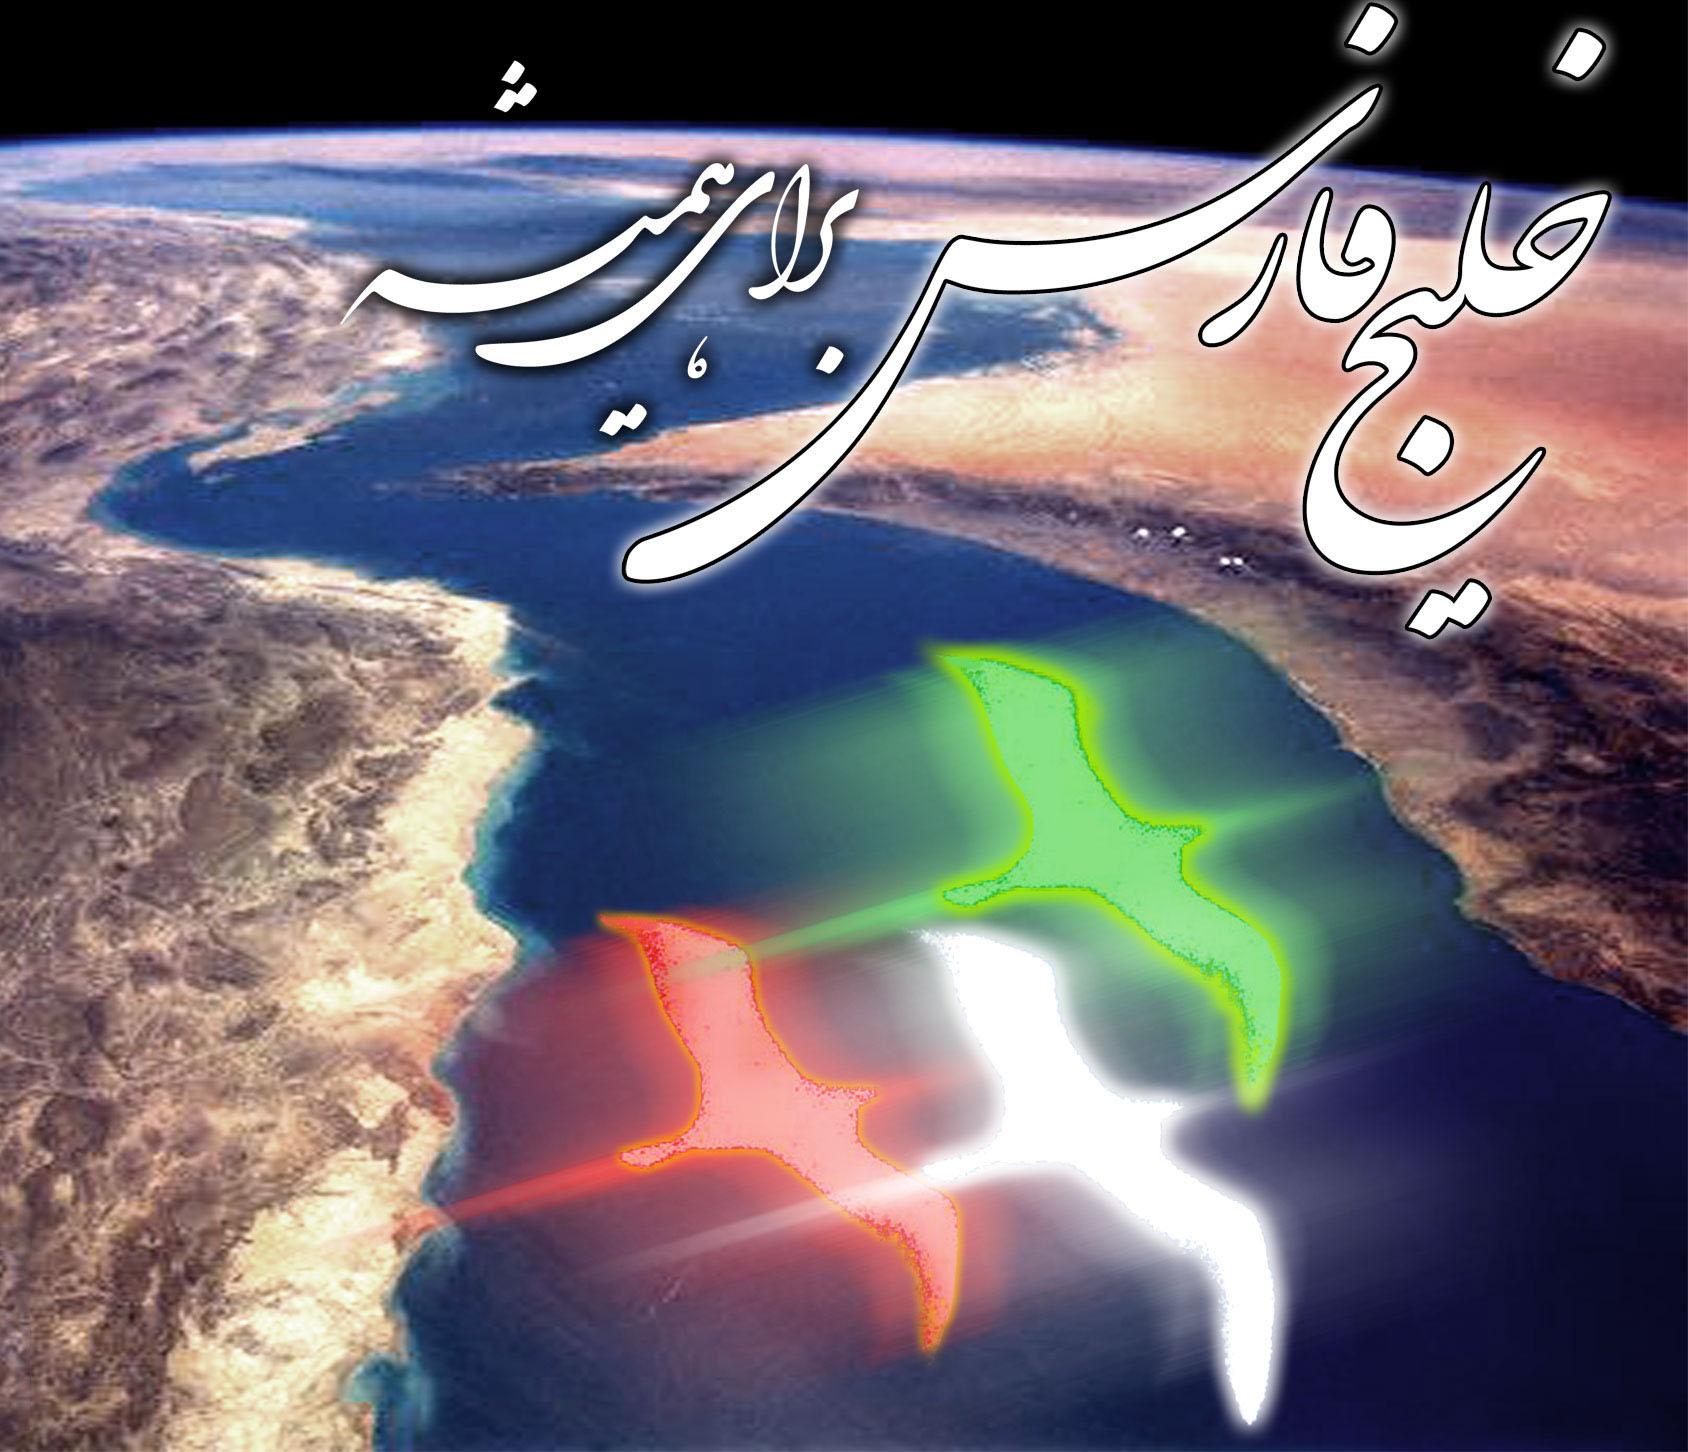 خلیج فارس در حال فراموش شدن است ! ؟